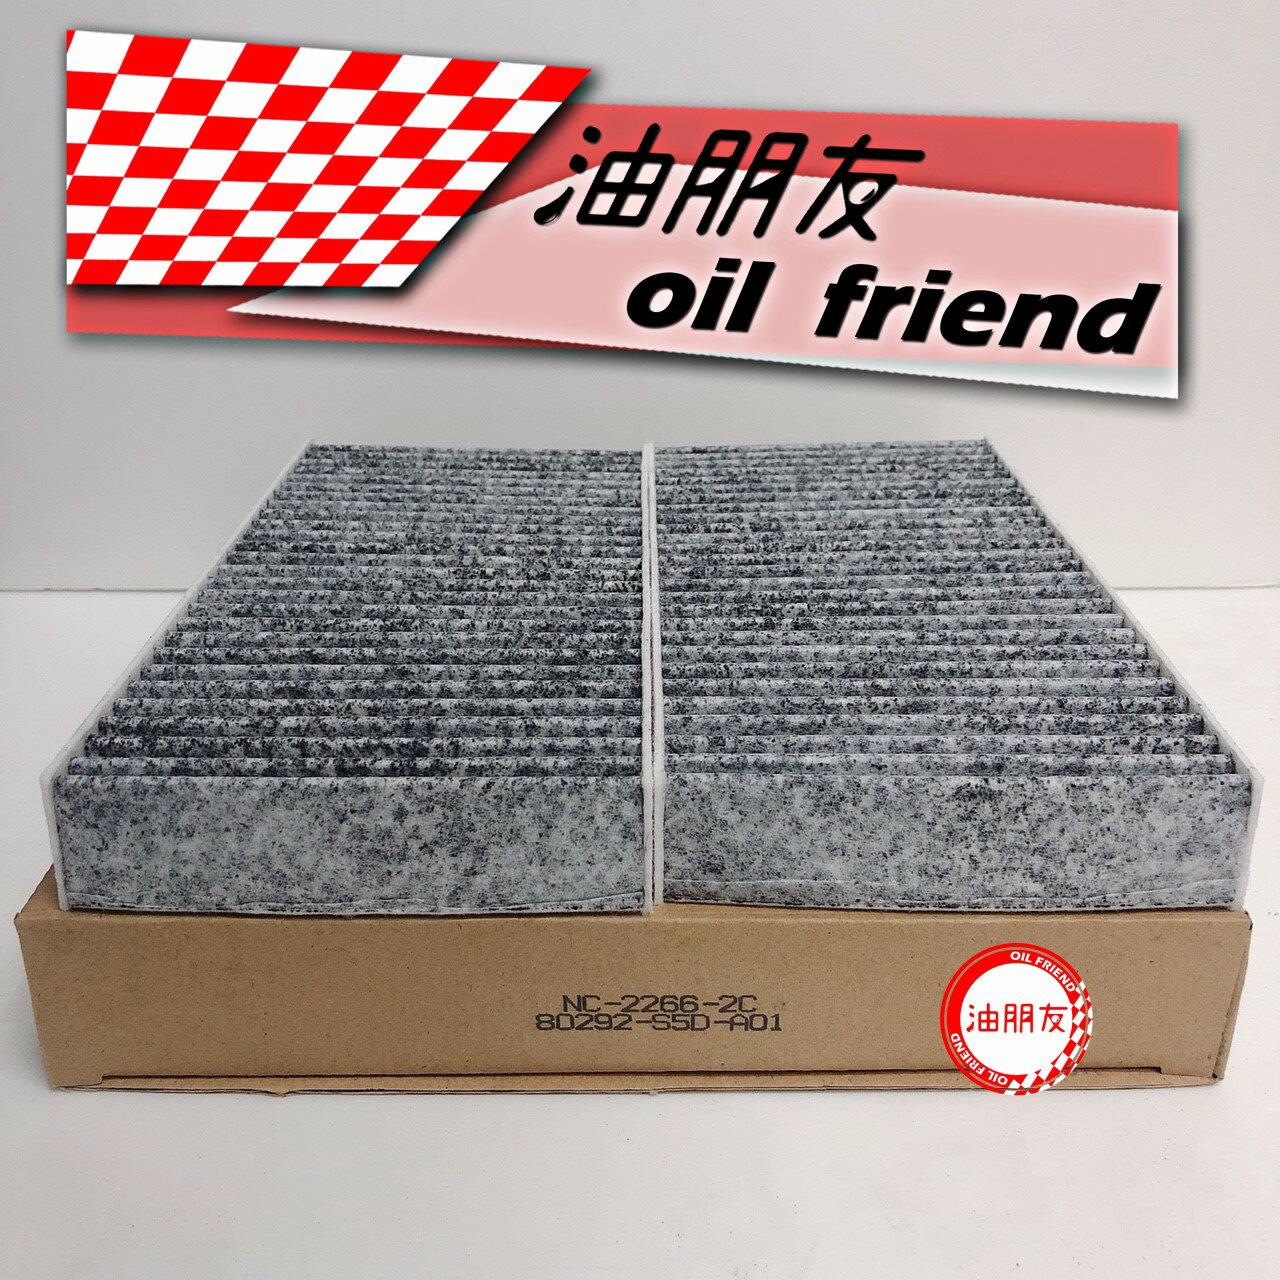 -油朋友- 冷氣芯 冷氣濾網 本田 honda CR-V 03-06 兩片式